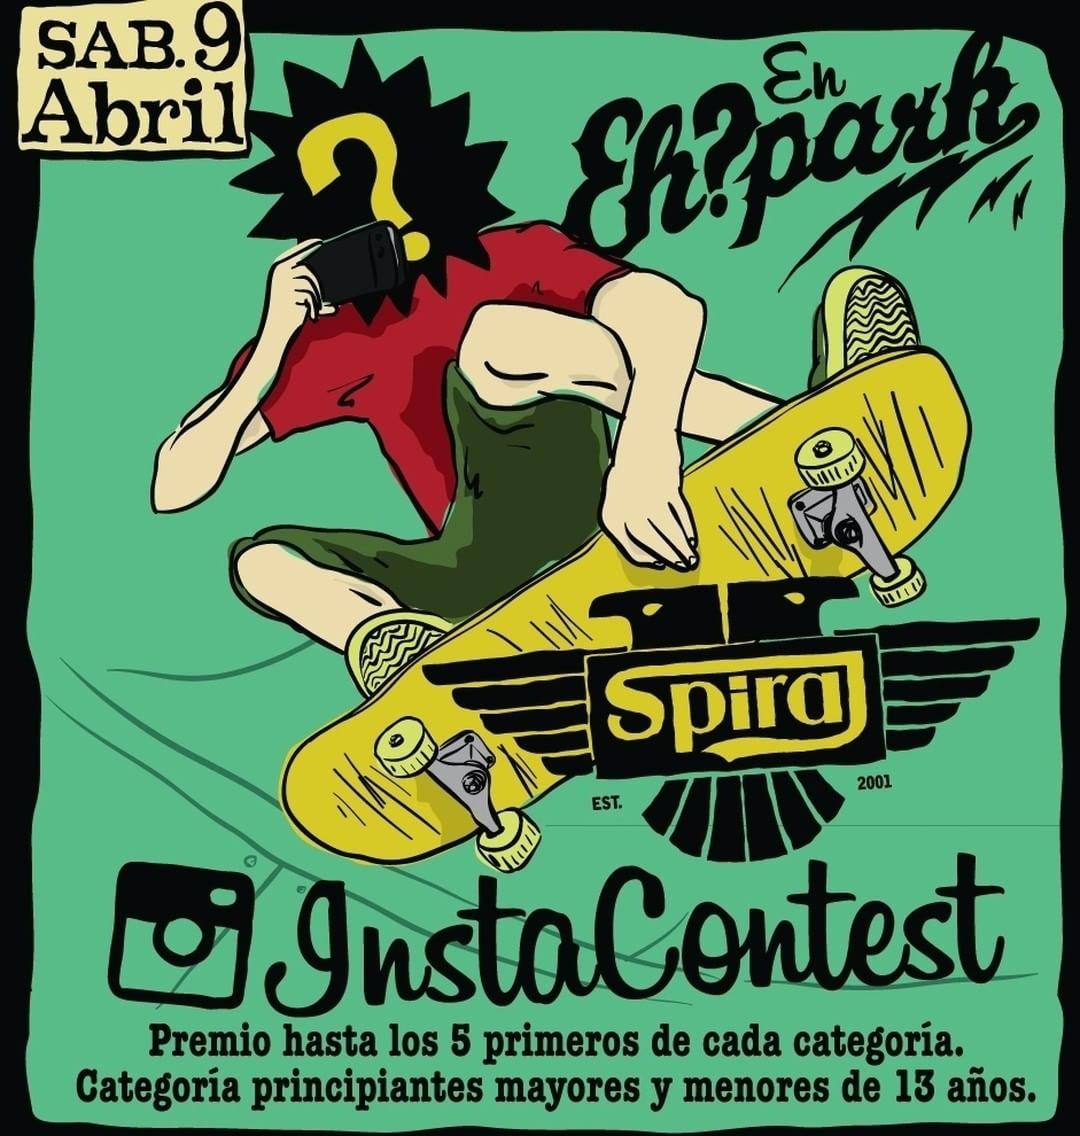 Spiral Contest! Para formar parte de nuestro gran torneo para principiantes en @ehparkparadise_skatepark subí tu vídeo andando o haciendo trucos, etiquetándonos junto al hashtag #RockieSpiralcontest. Por último mandános un mail a...